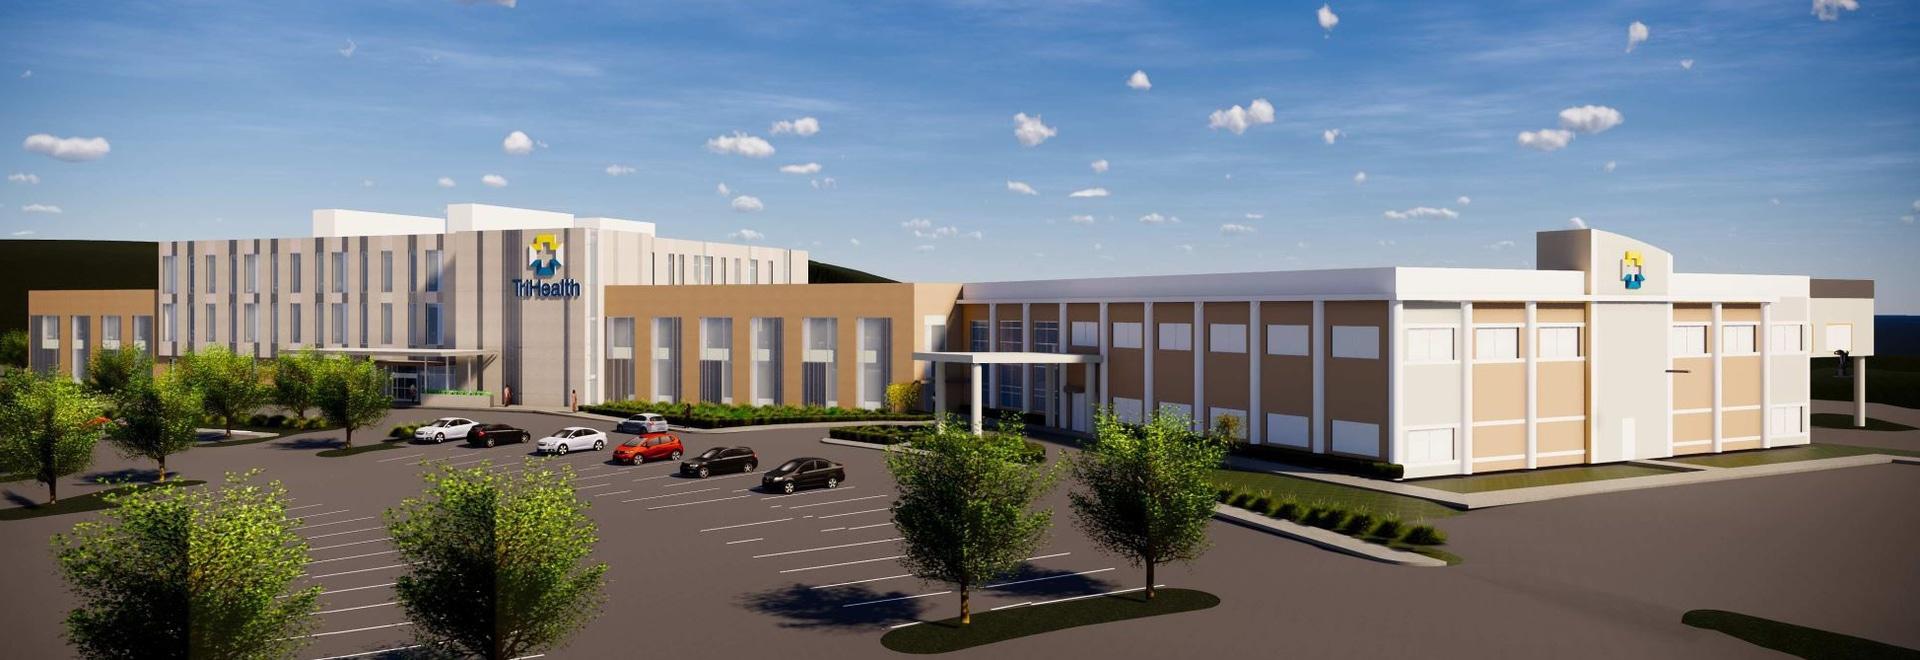 Skanska sviluppa il nuovo centro medico a Cincinnati